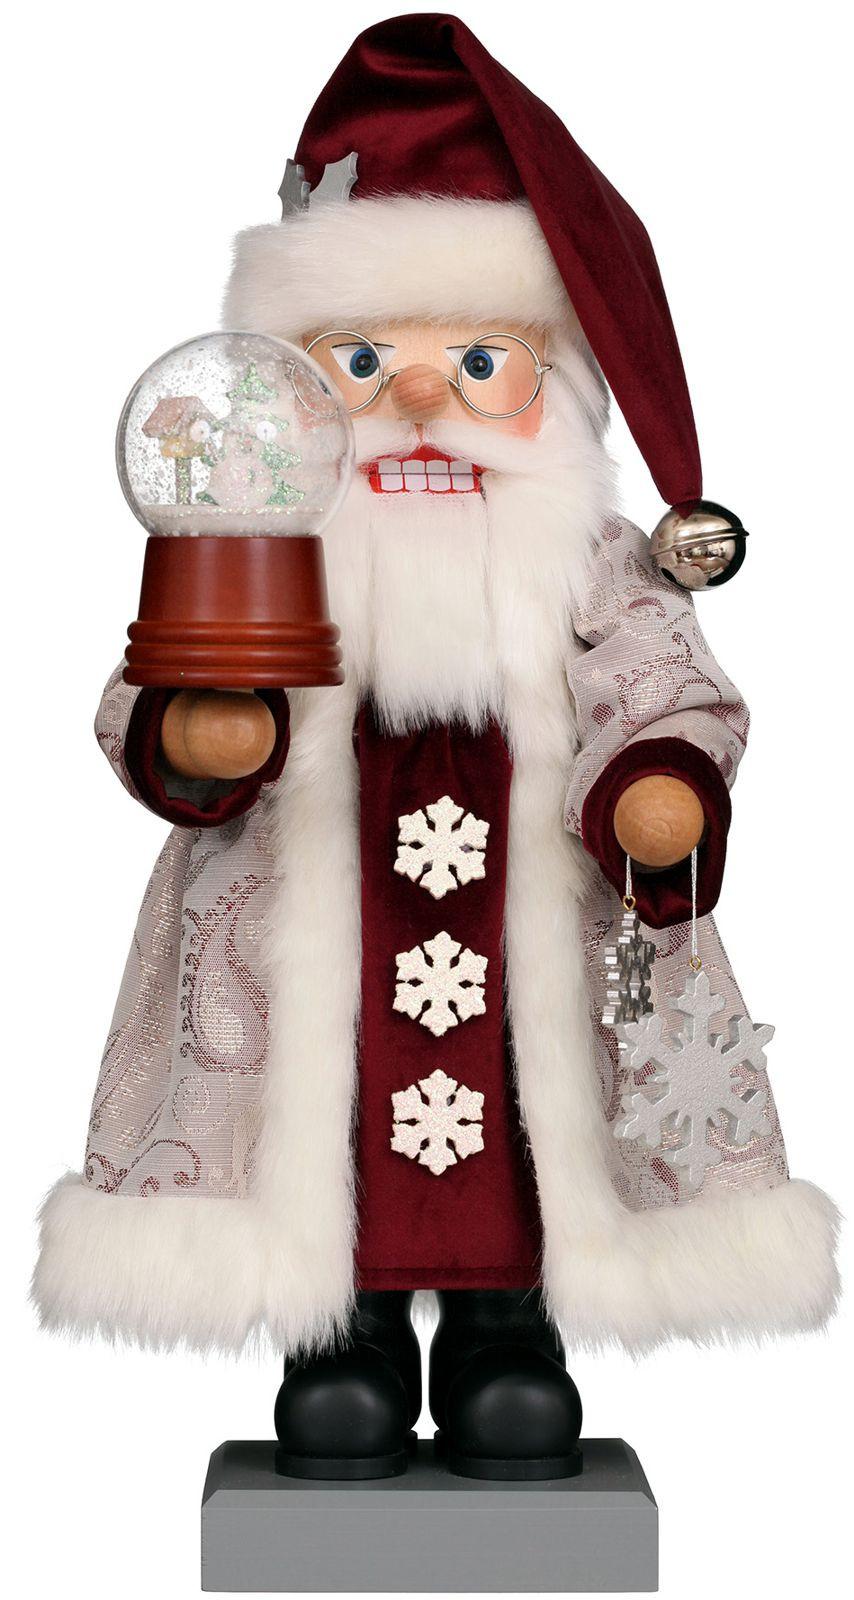 Nußknacker Weihnachtsmann Schneekugel